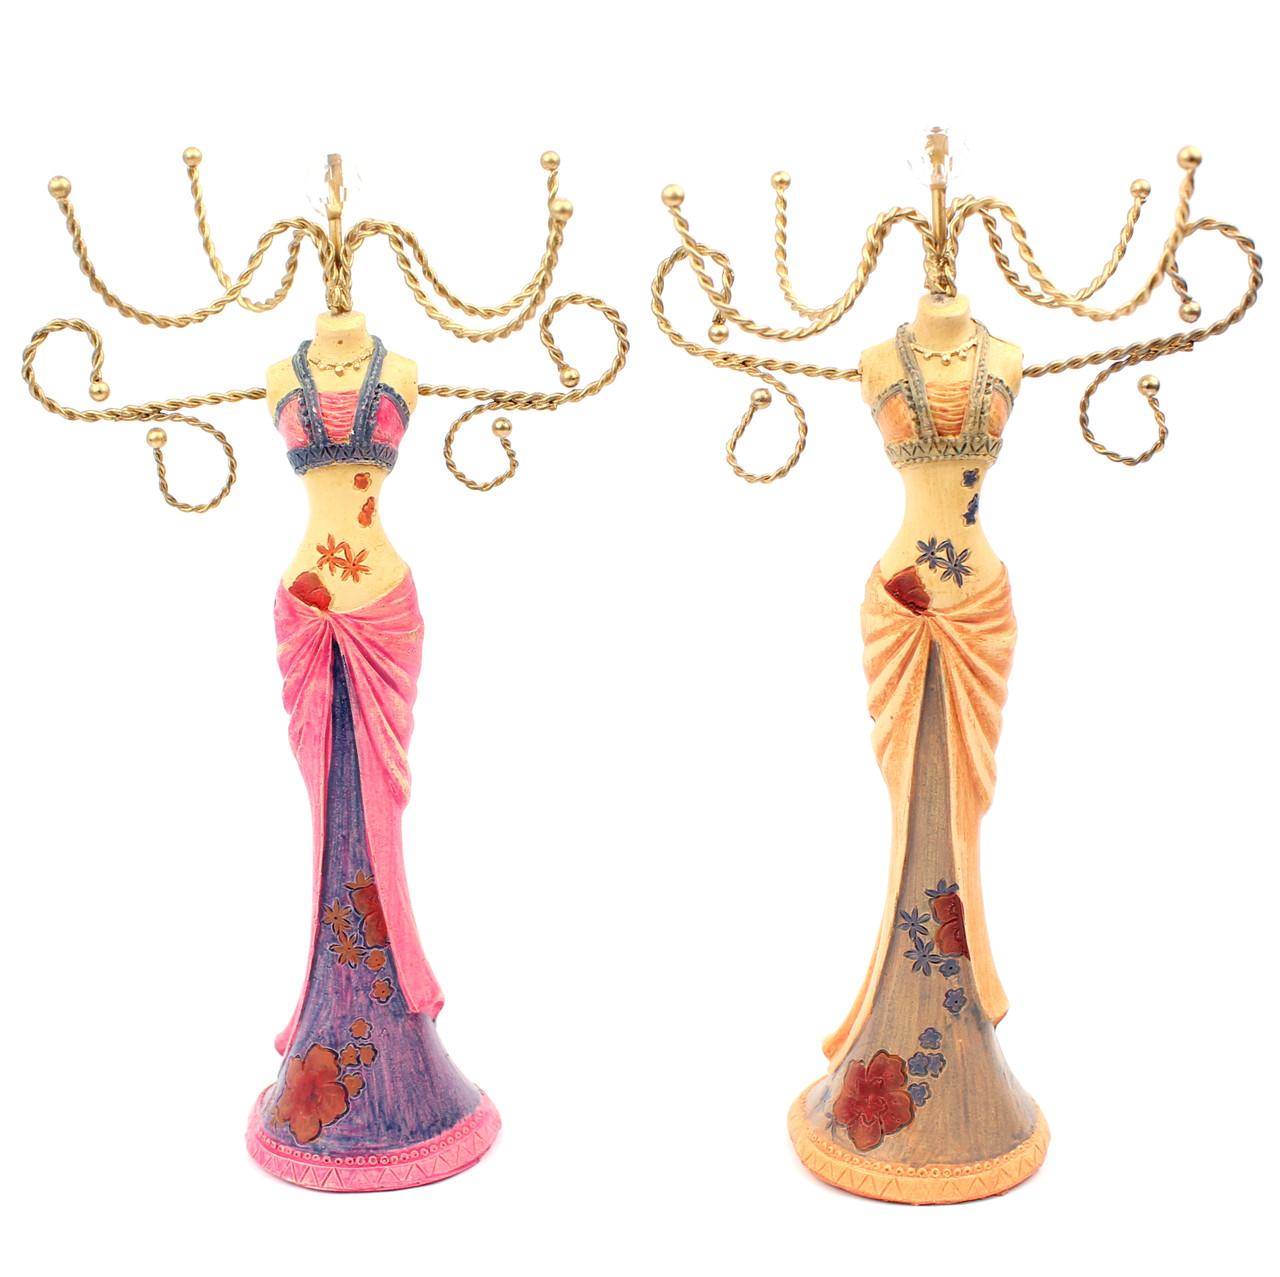 Подставка манекен под бижутерию и украшения в восточном стиле